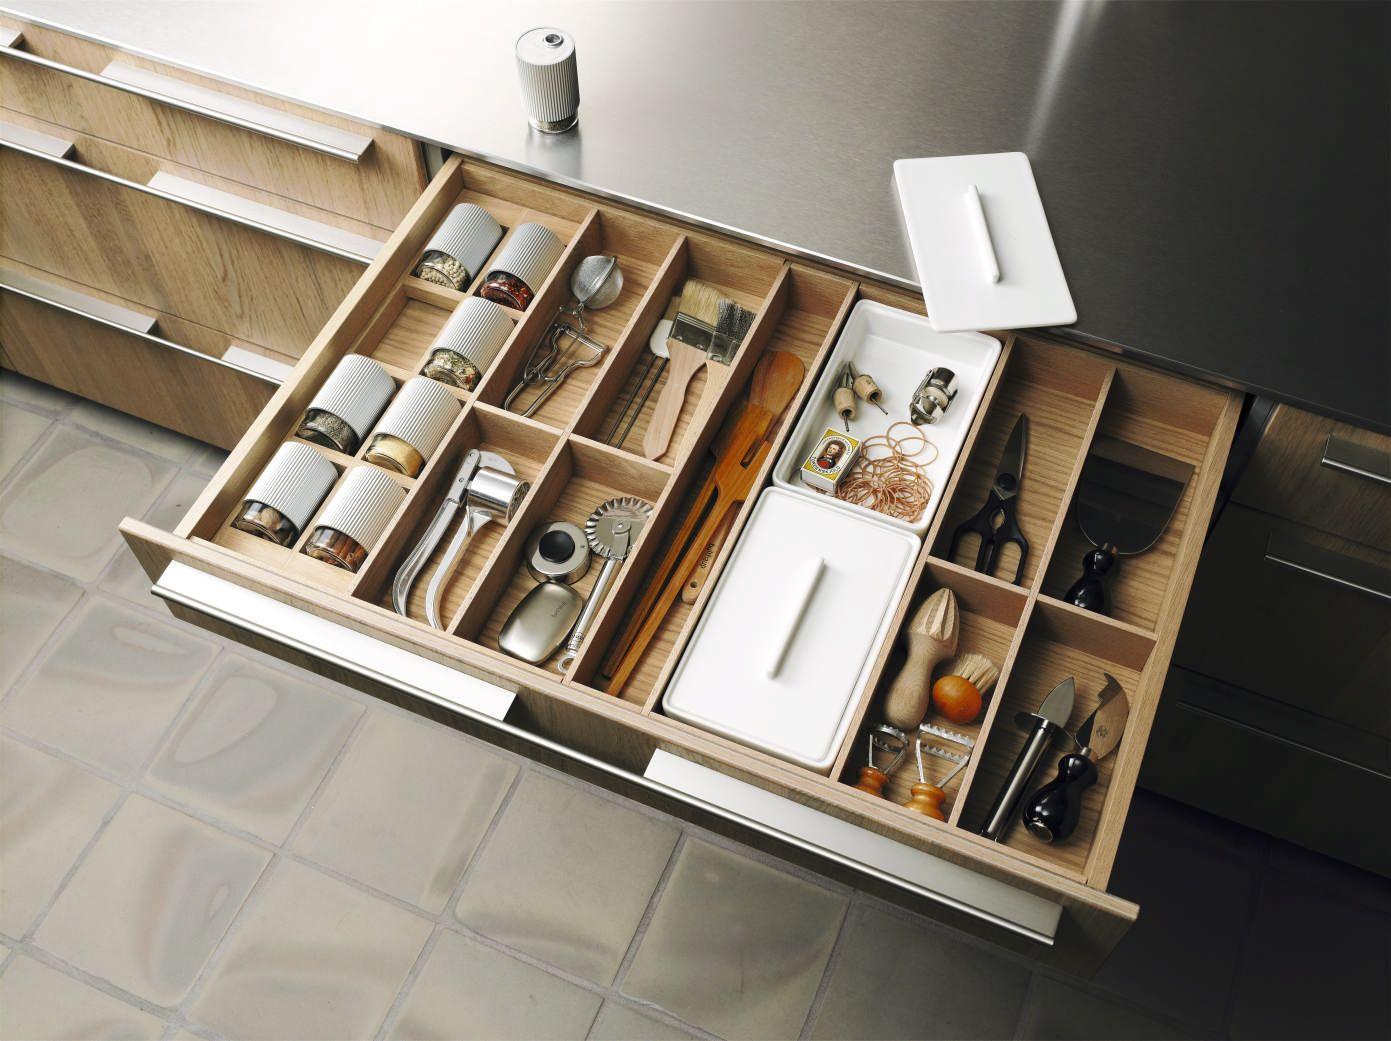 Design Keuken Gadgets : Bulthaup keuken b bij intermat mijdrecht modern strak design